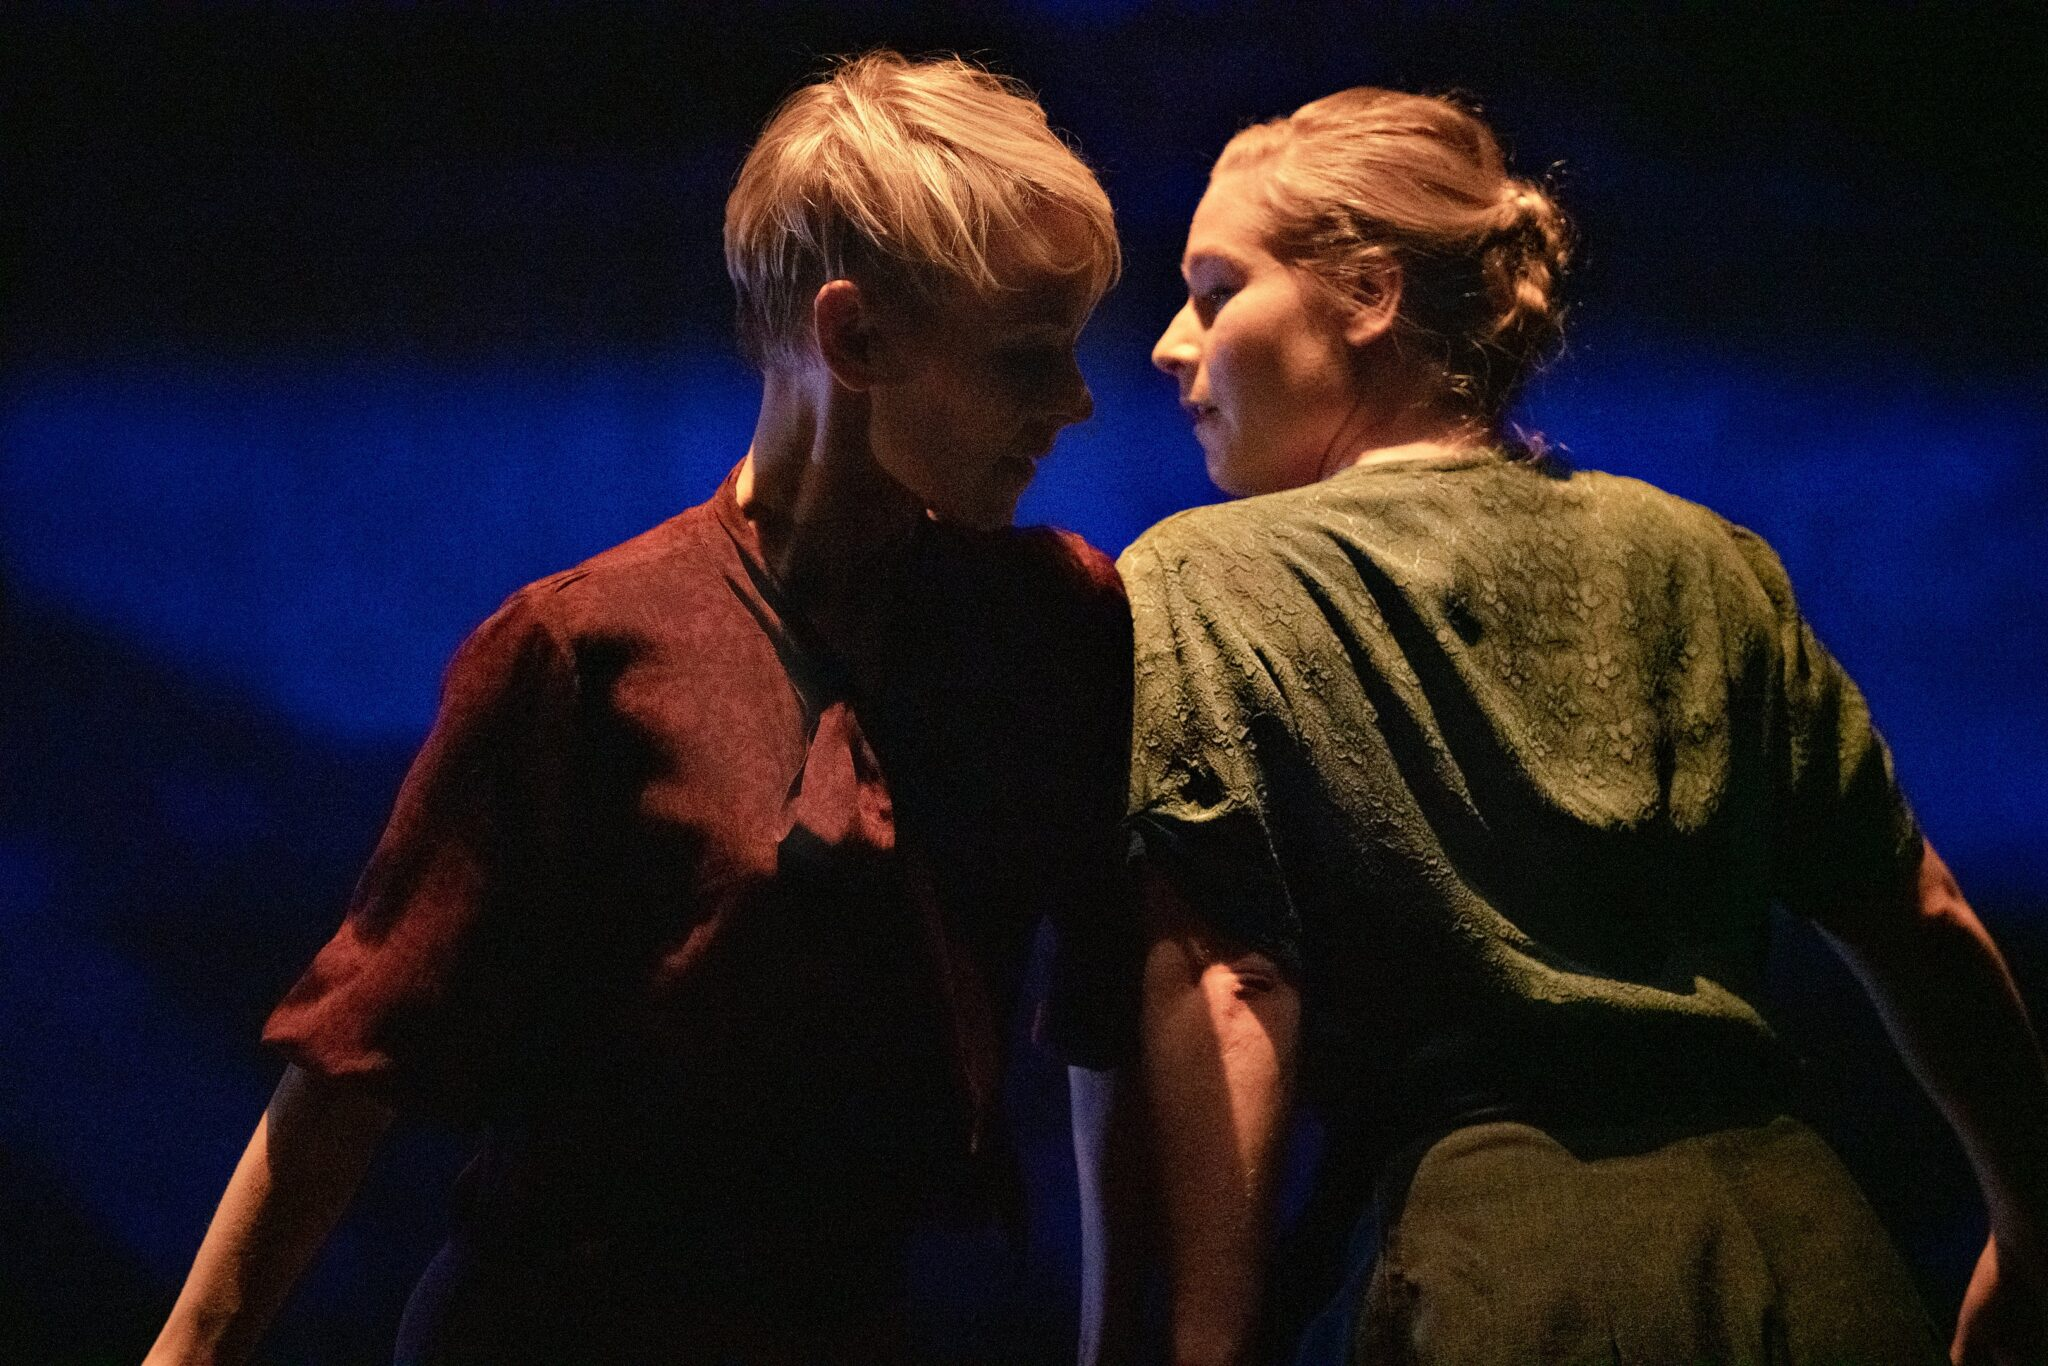 Tanssiteatteriesitys osoittaa kuinka tanssi ei pysähdy yhteiskunnan rajoituksiin eikä teknisiin pulmiin